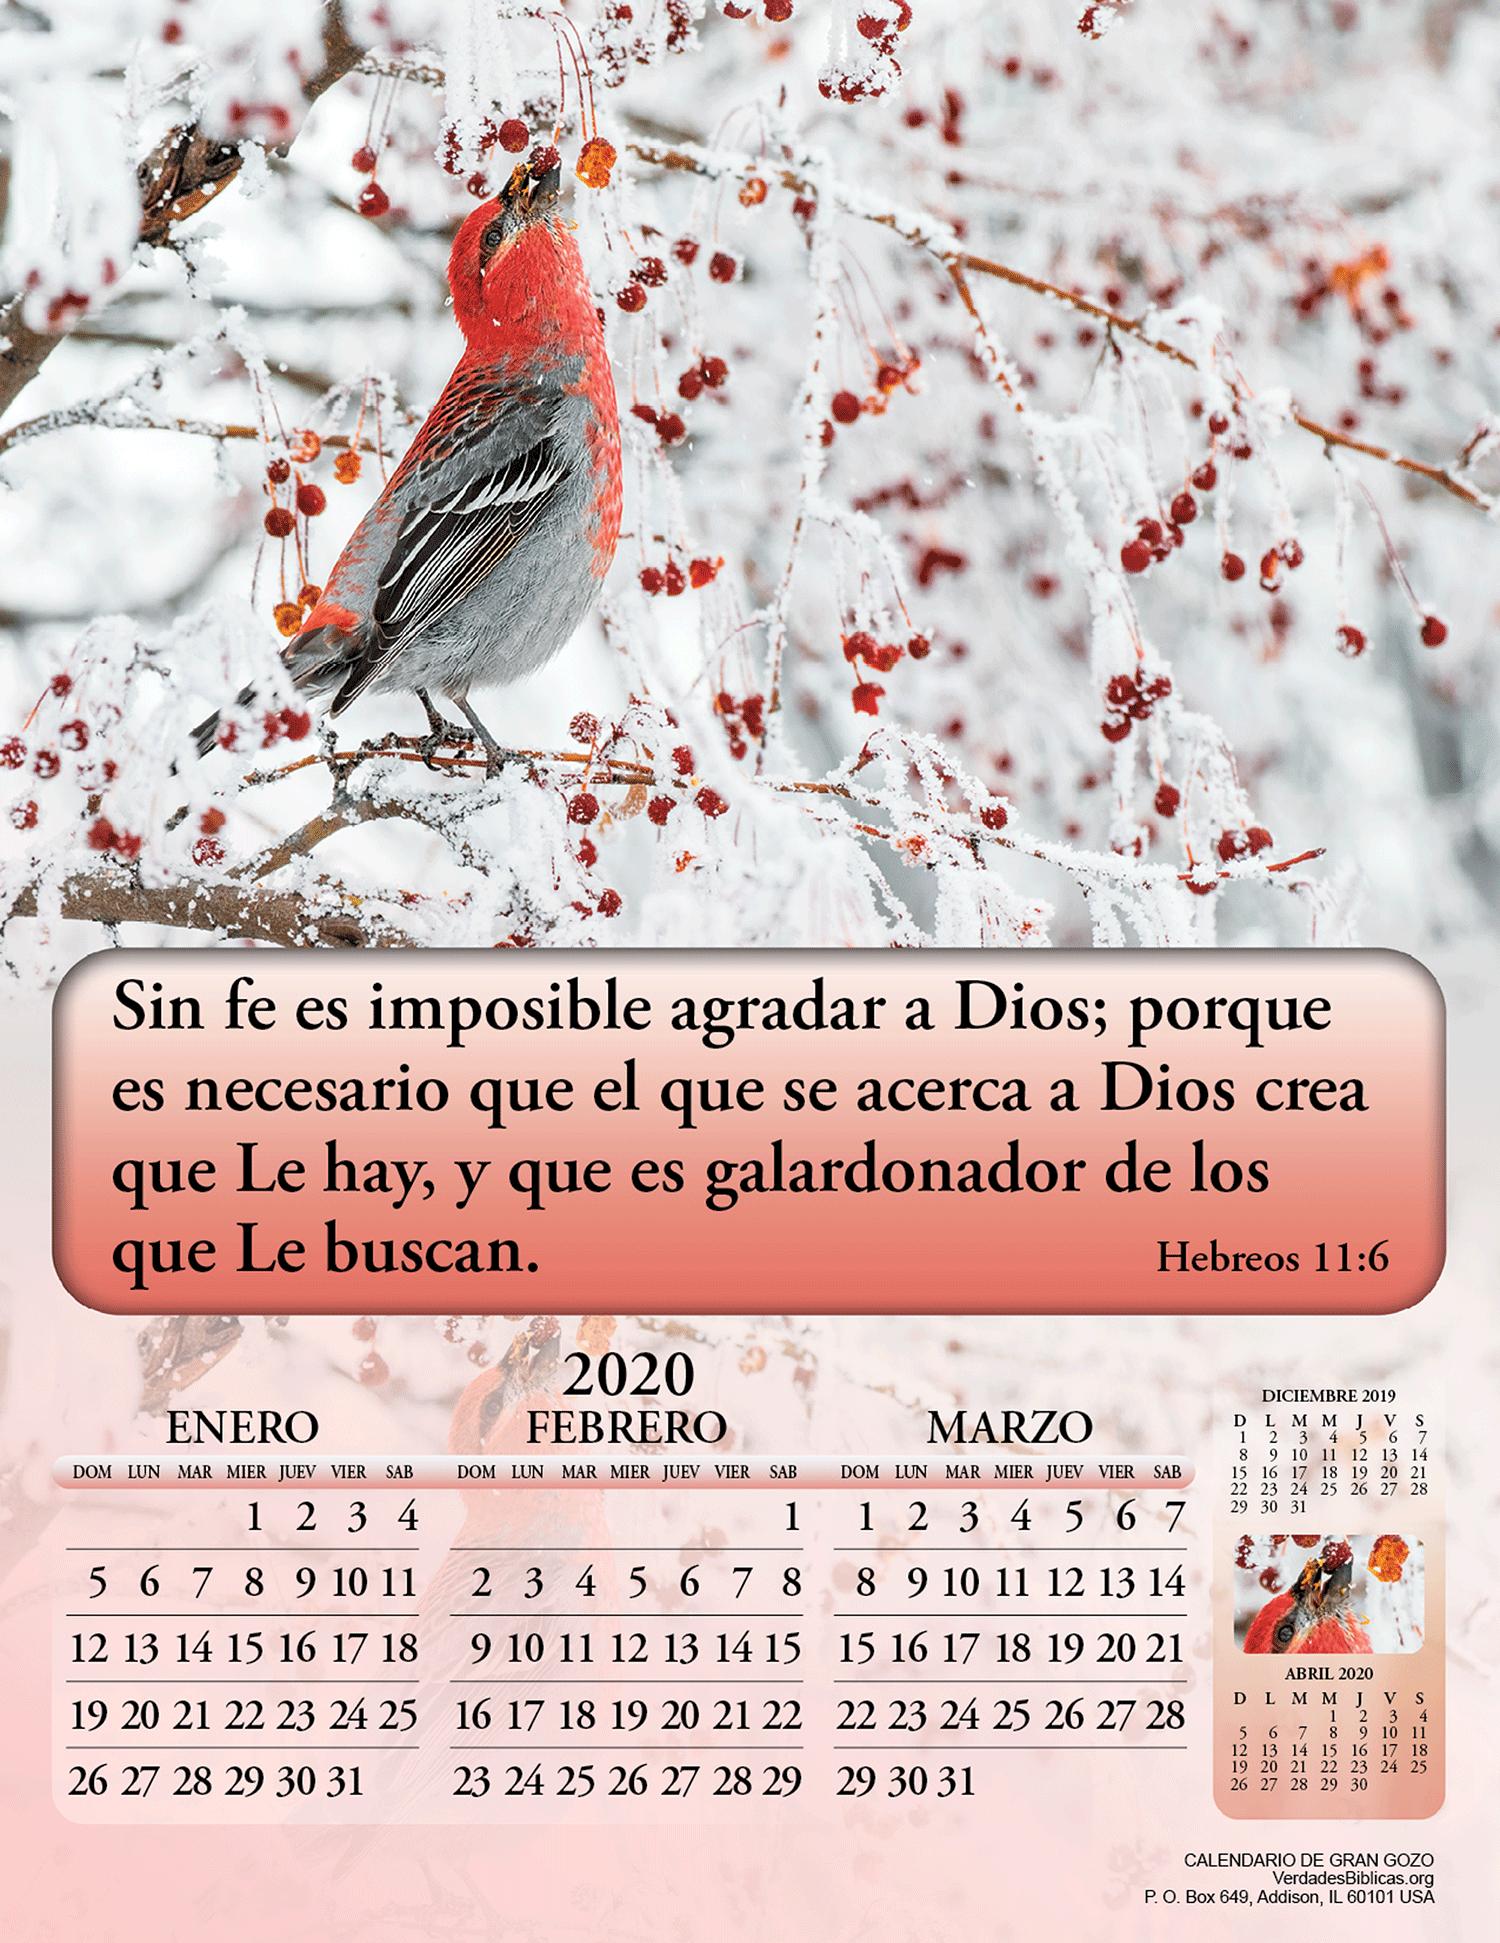 Calendario D.Spanish Calendario De Gran Gozo 4 Paginas 3000 Bible